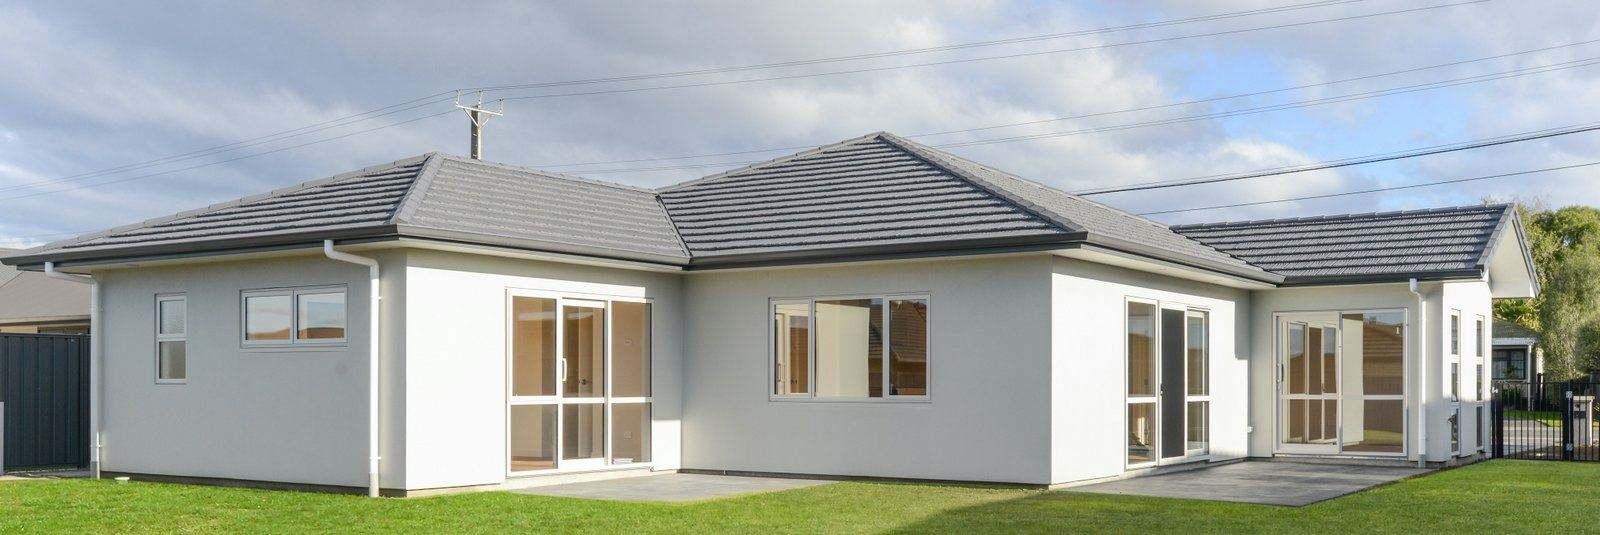 Waipukurau and Surrounds 3房 Choose your new home!